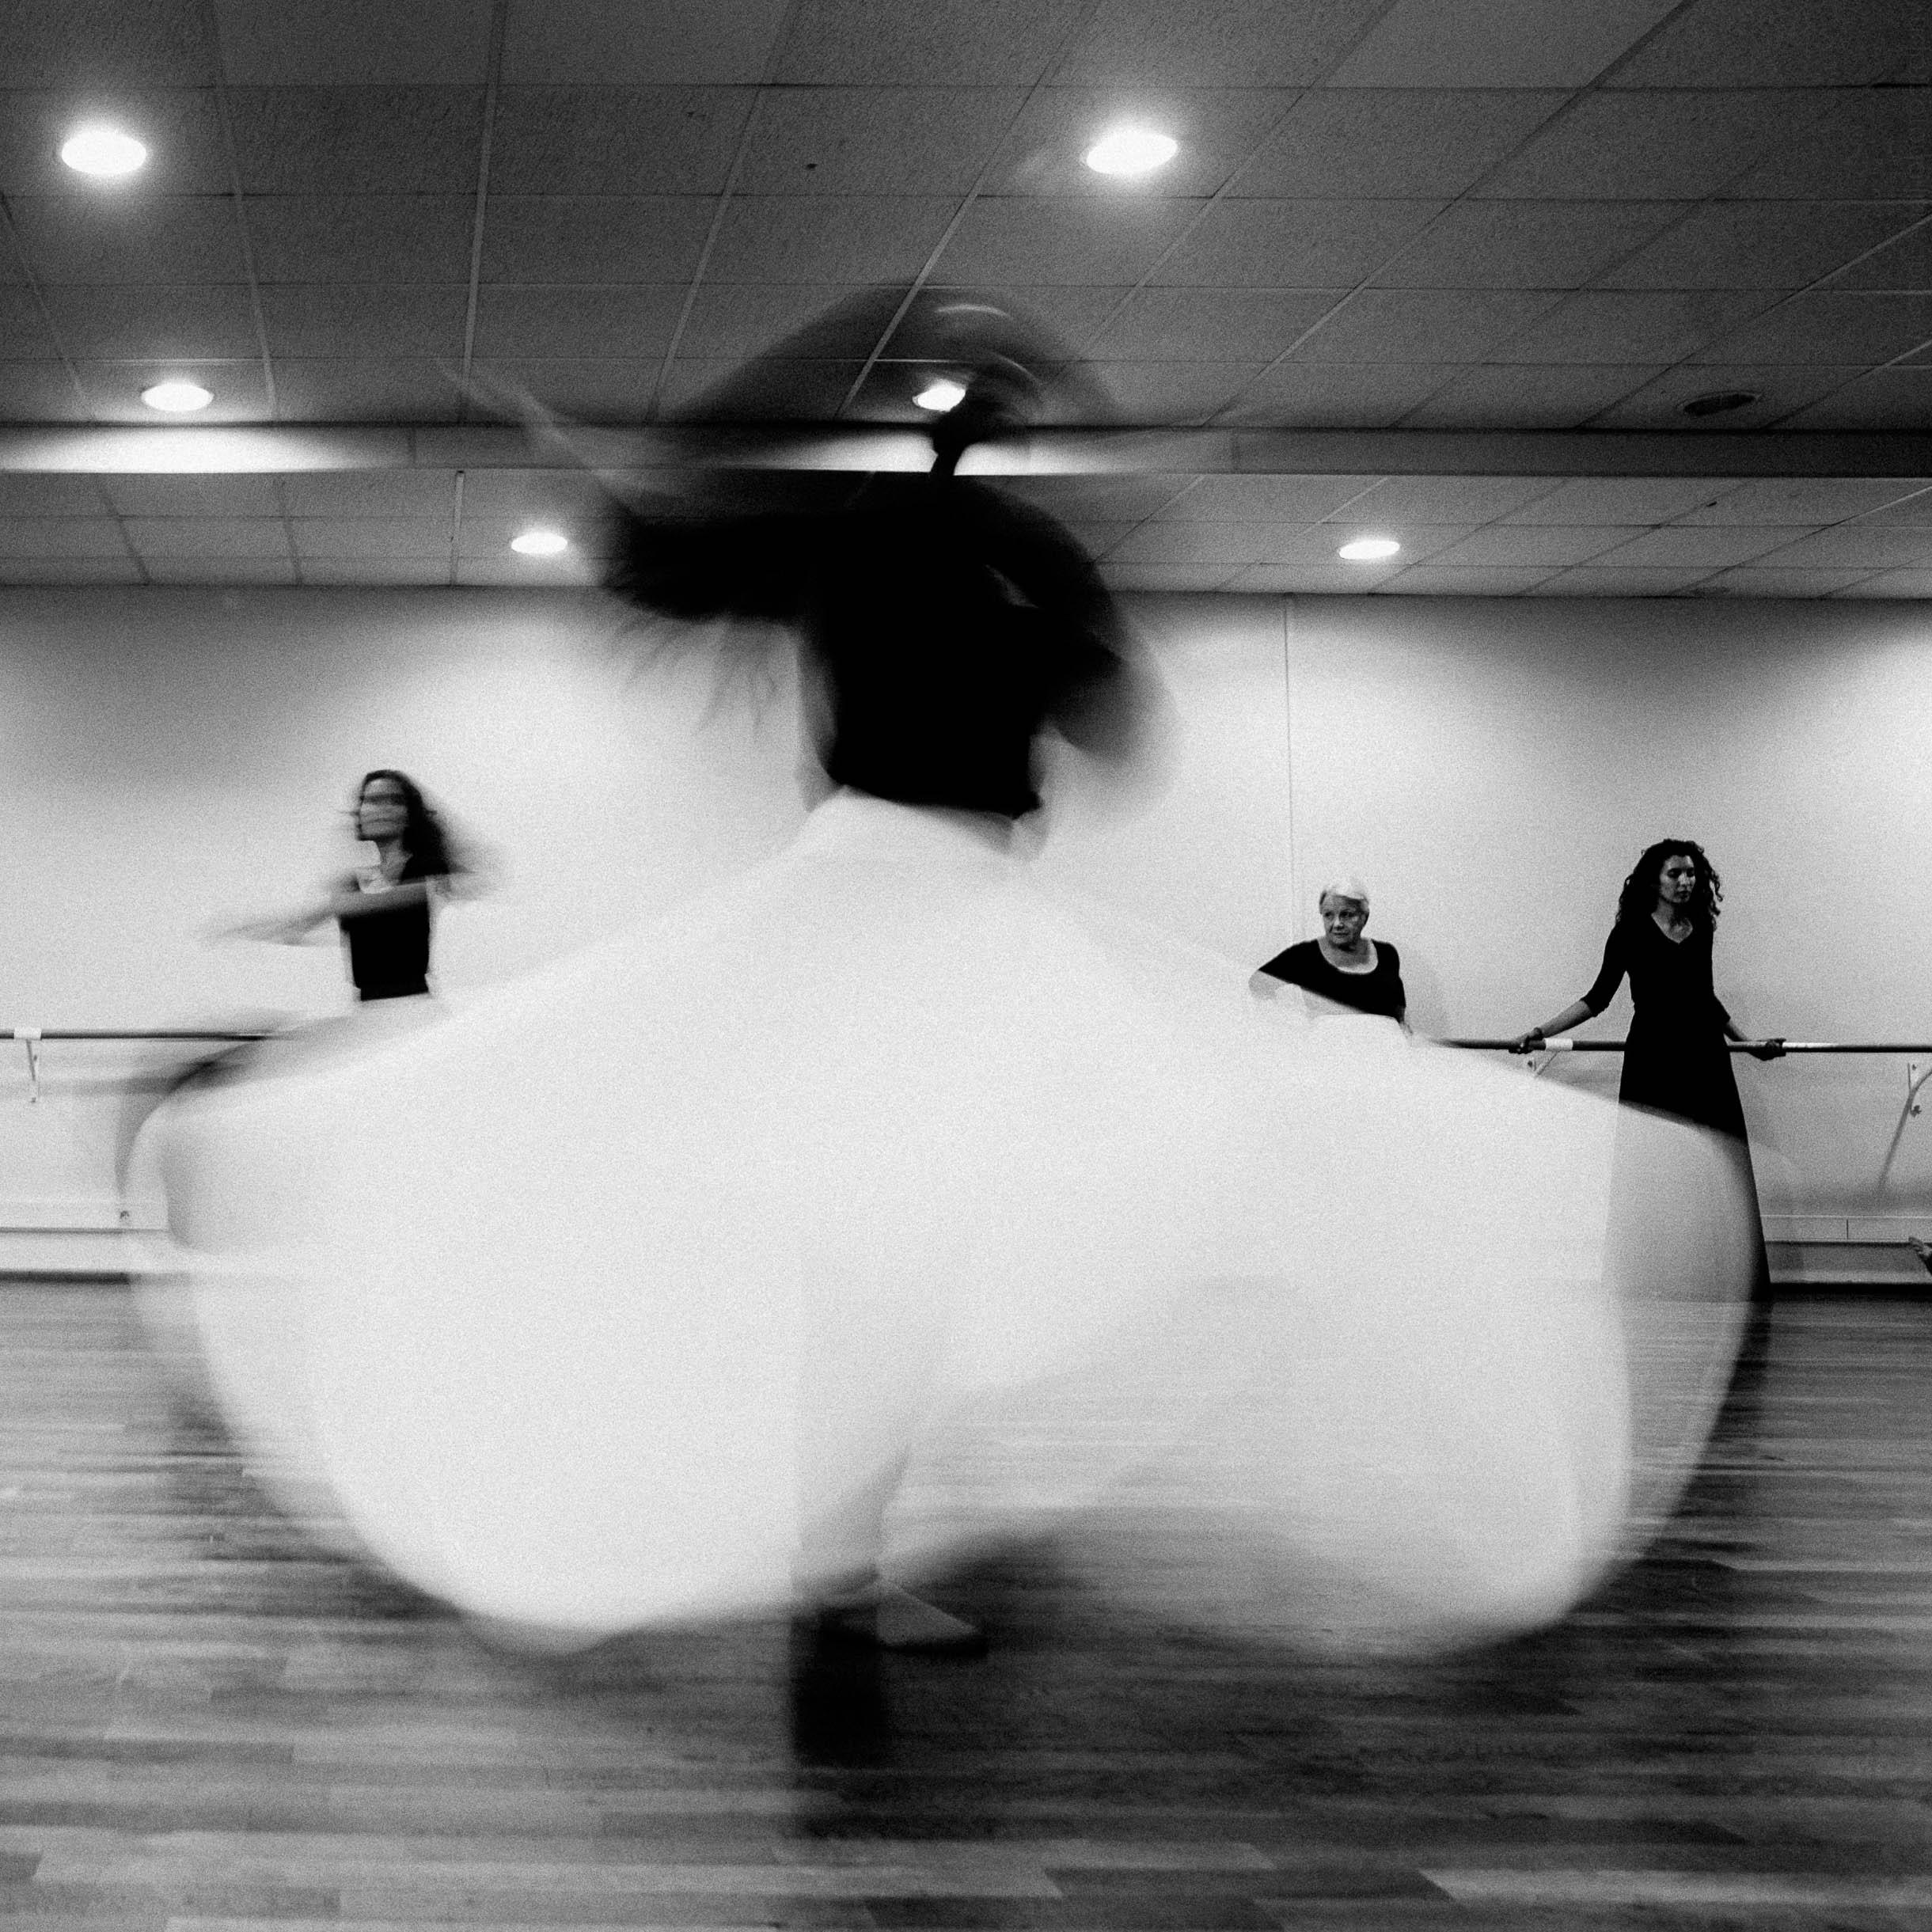 Trans n Dance - Sufi Dance - Transe'En'Danse - Danse Soufie - Rana Gorgani